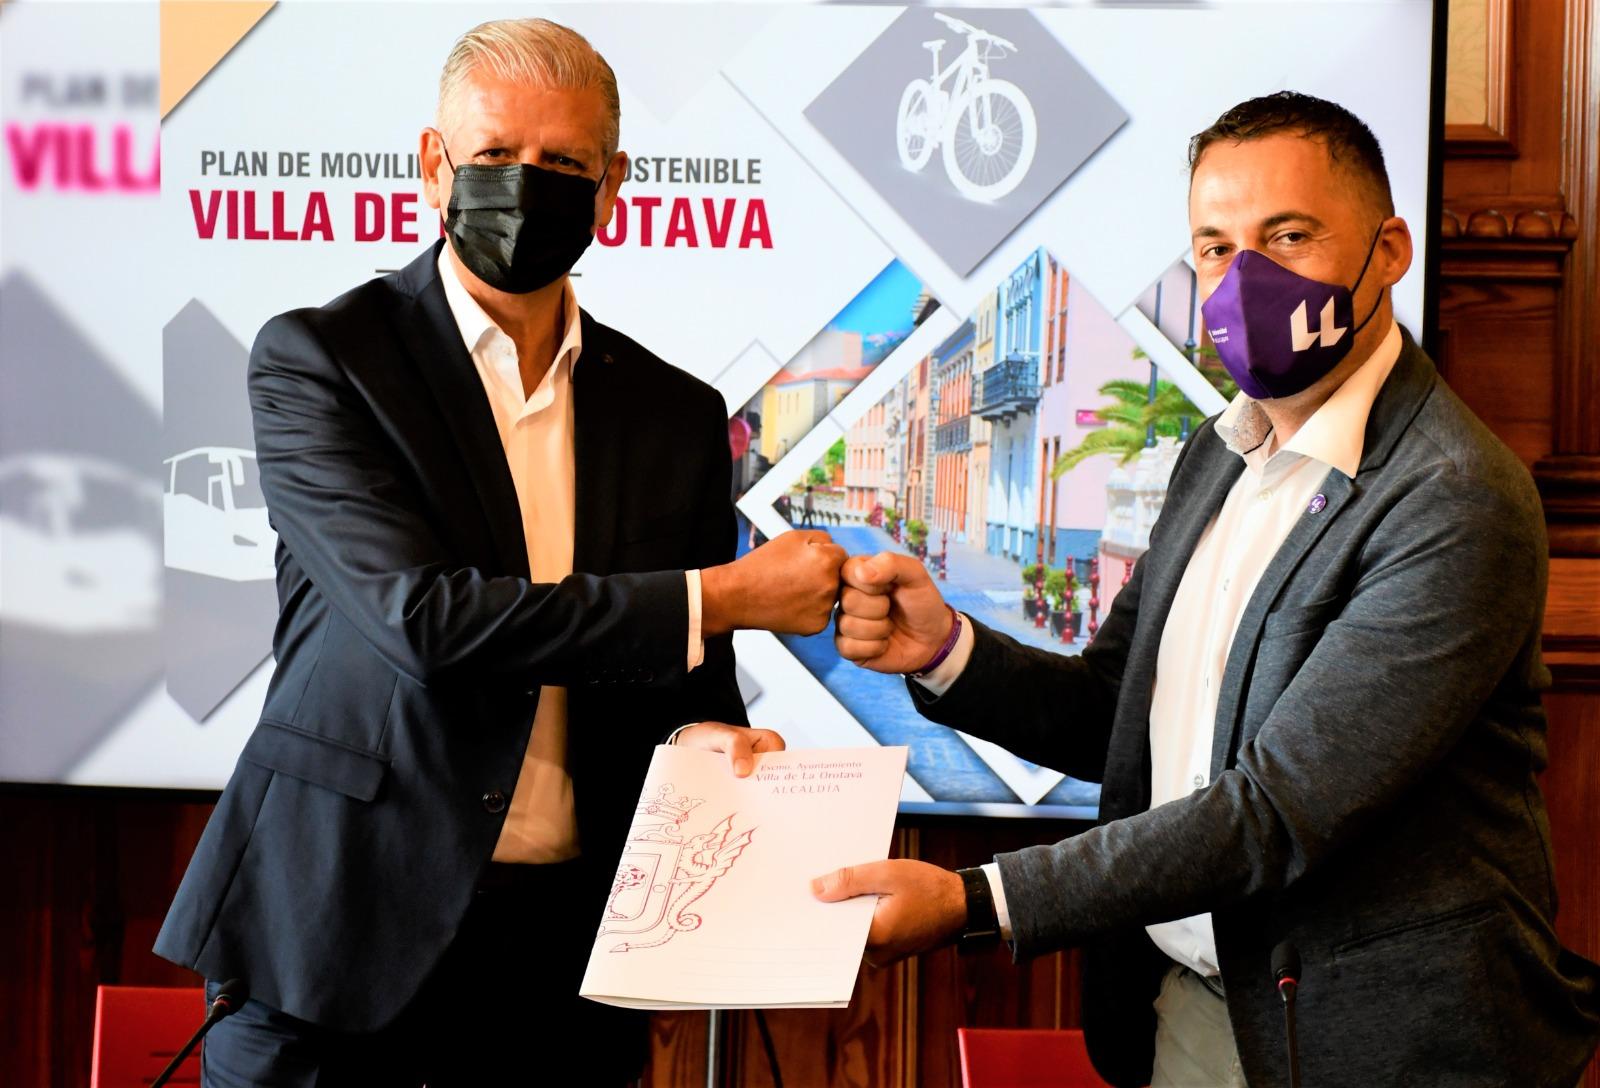 El Ayuntamiento de La Orotava firma convenio con la ULL para la elaboración del Plan de Movilidad Urbana Sostenible